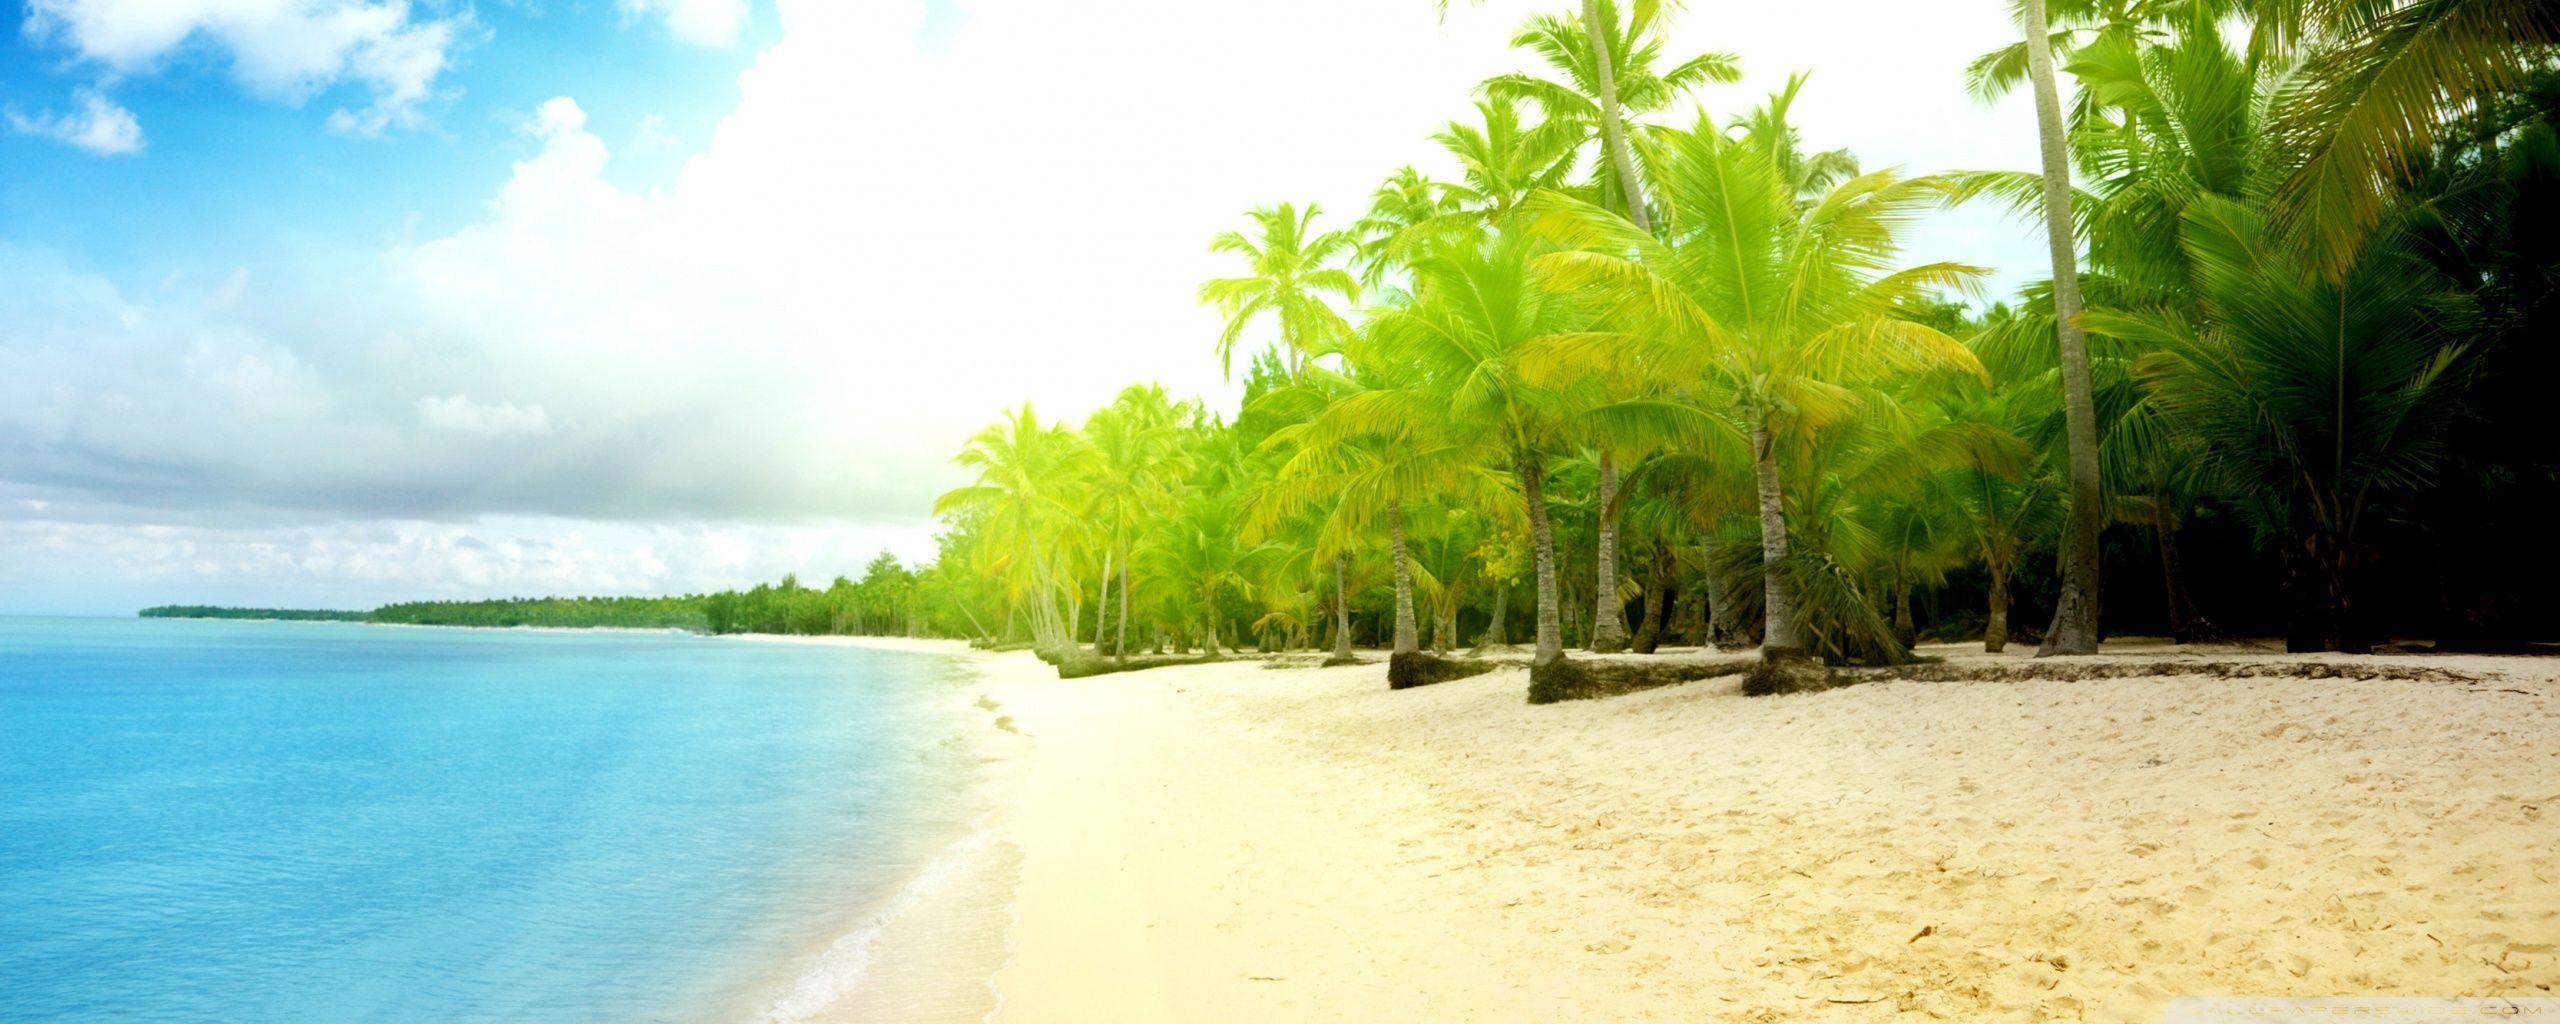 Palm Tree Beach 4k Hd Desktop Wallpaper For 4k Ultra Hd Tv: 16K Ultra HD Beach Wallpapers